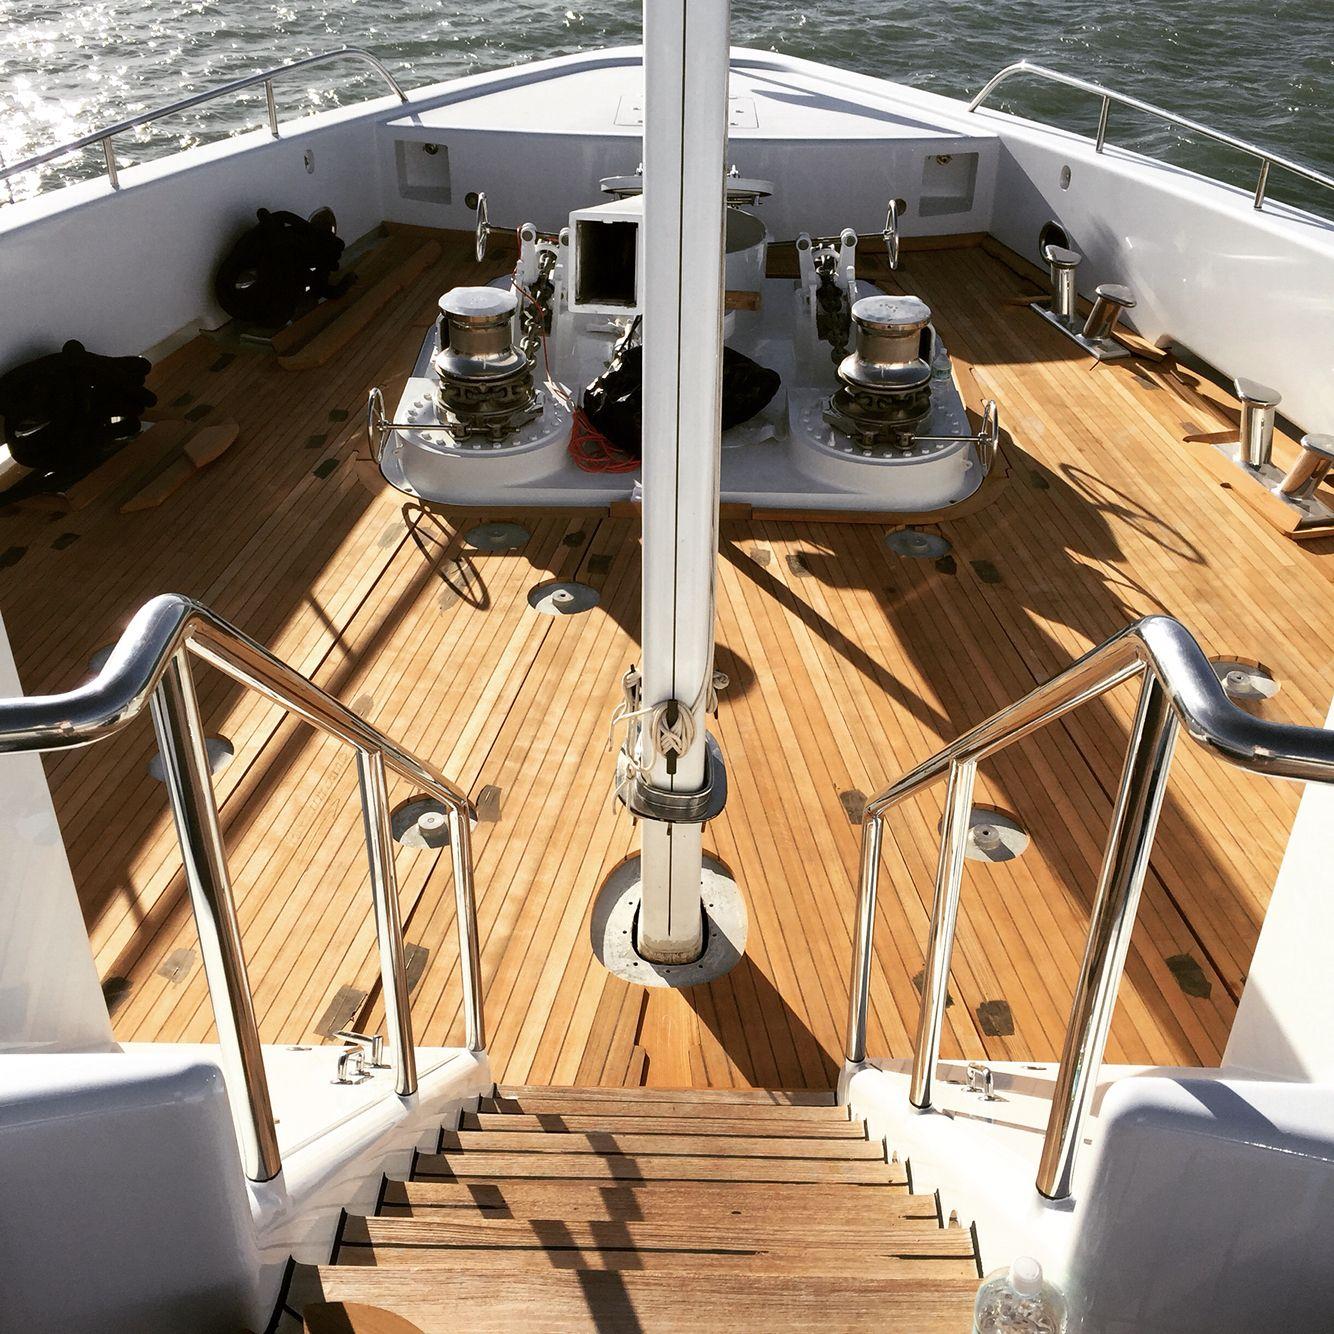 Best New Teak Decking On Superyacht By Idealteak Marine 400 x 300